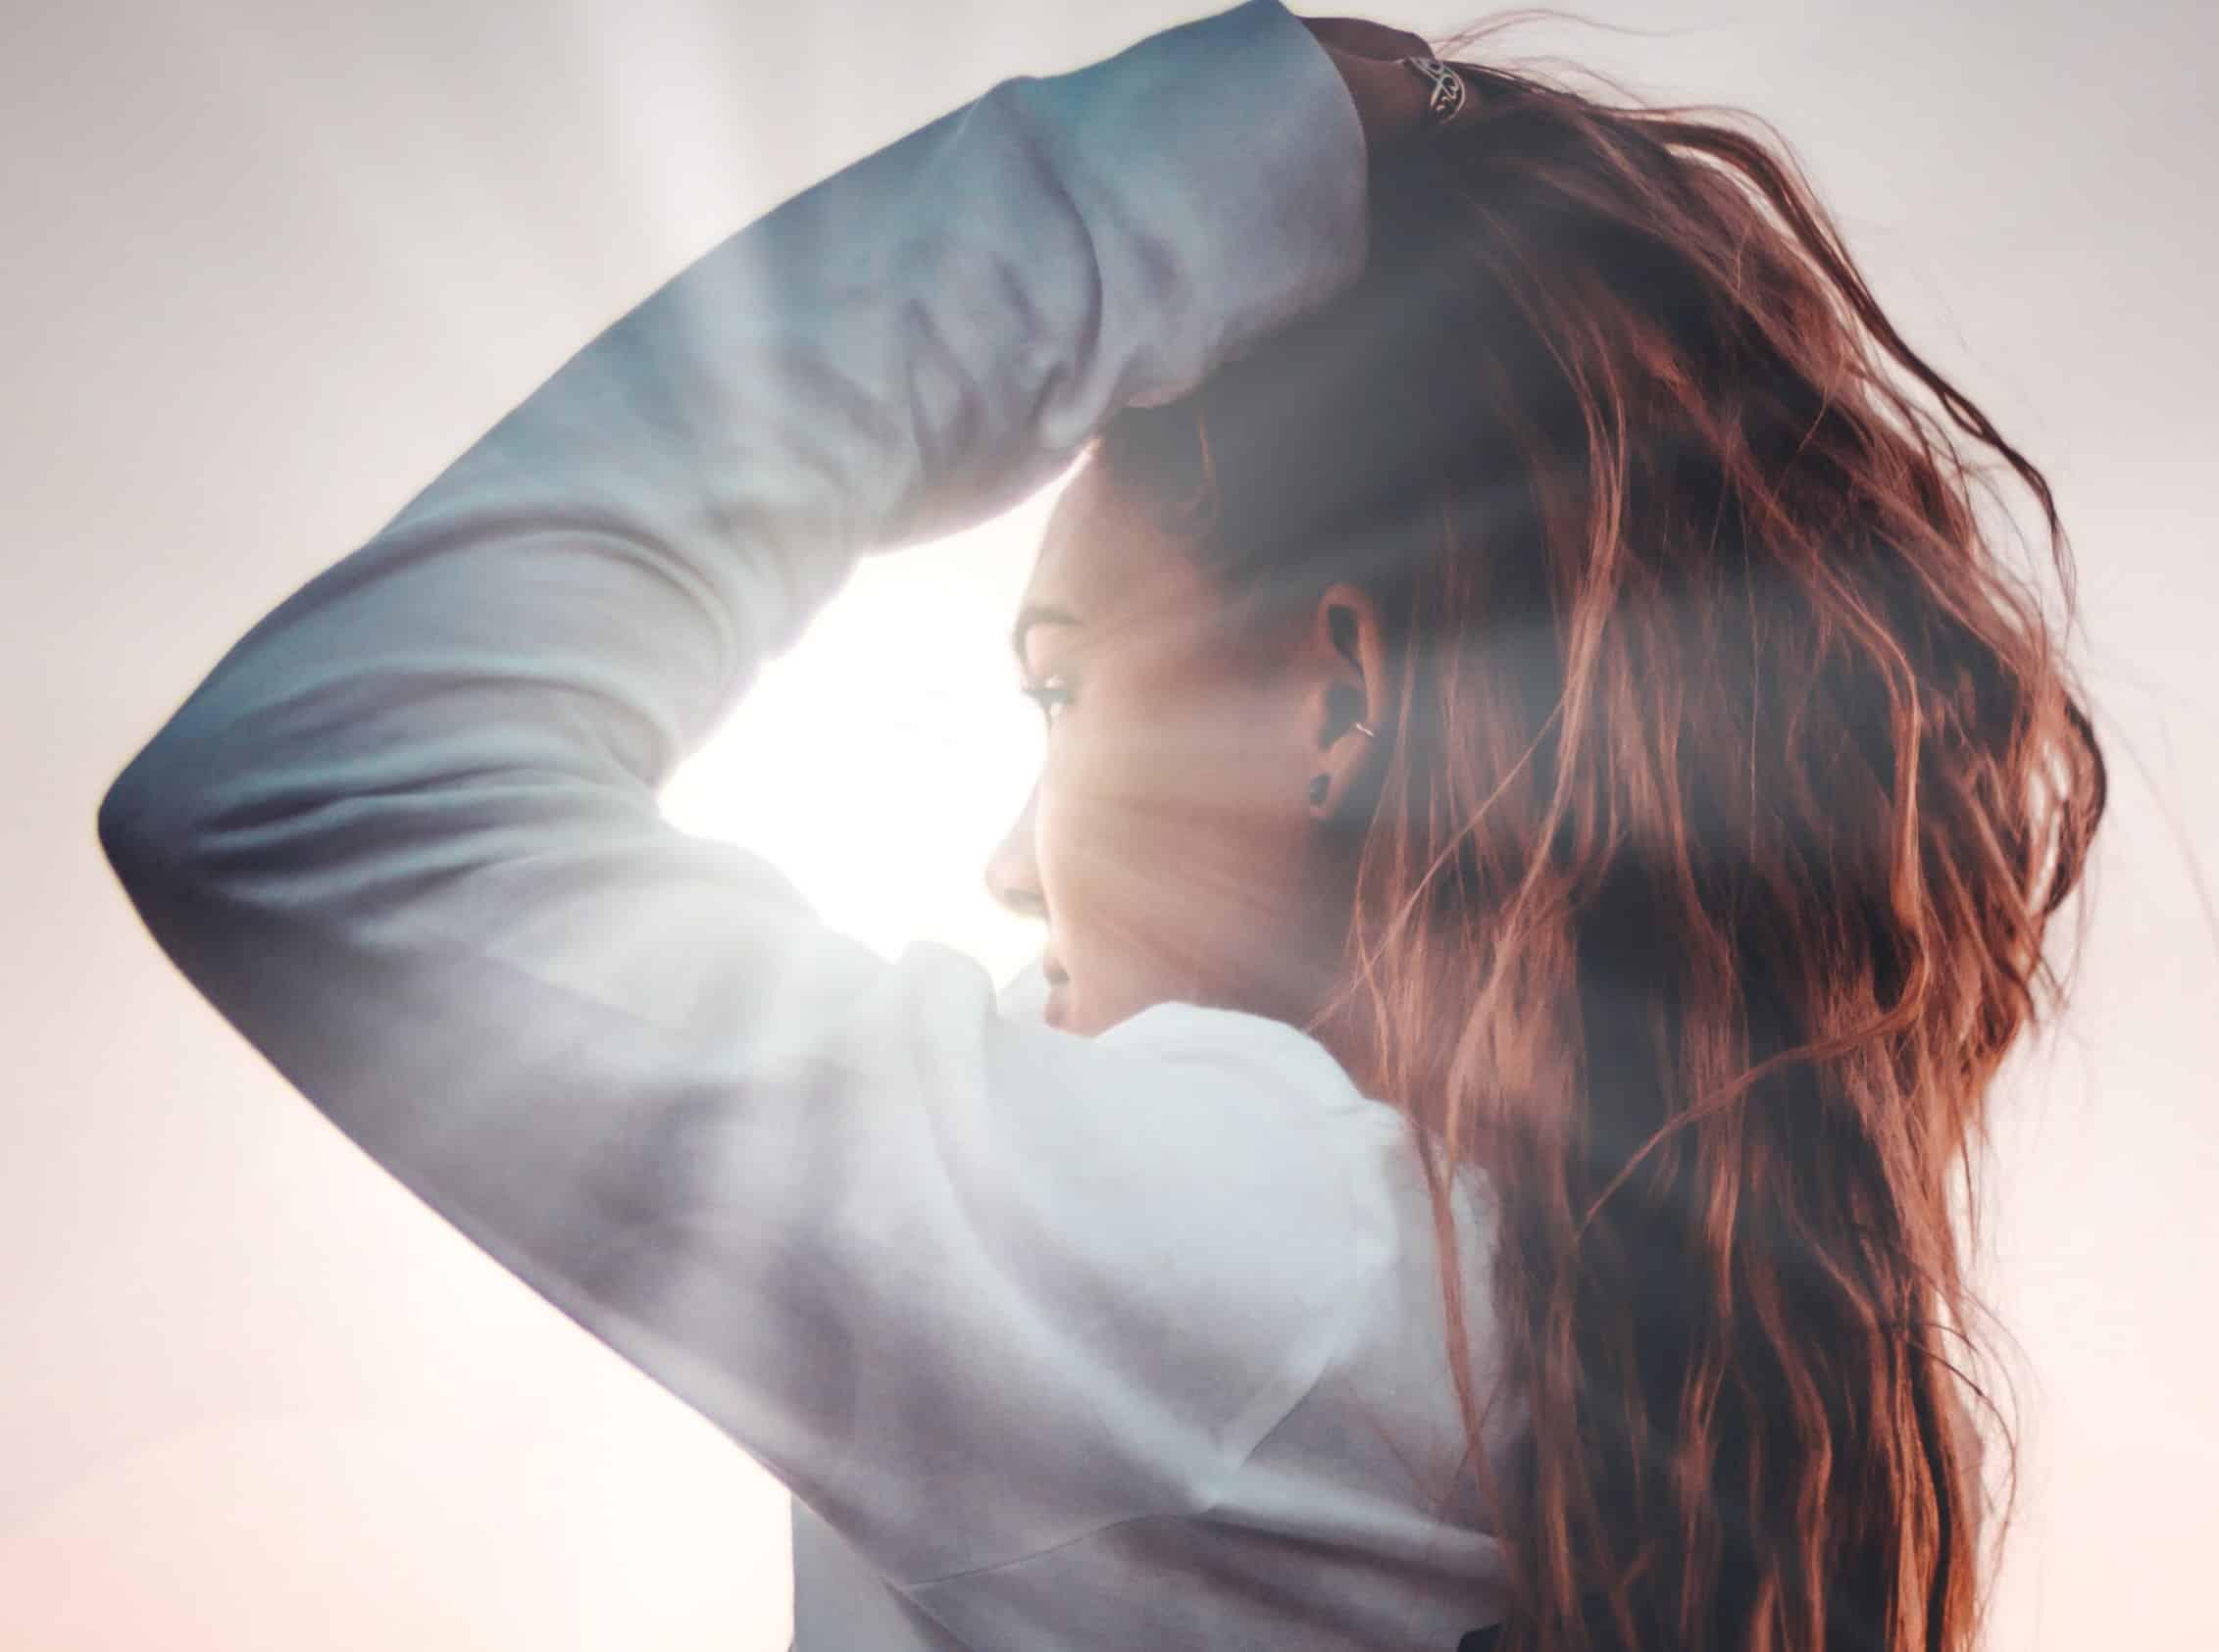 Garota de perfil mexendo no cabelo com brilho refletindo